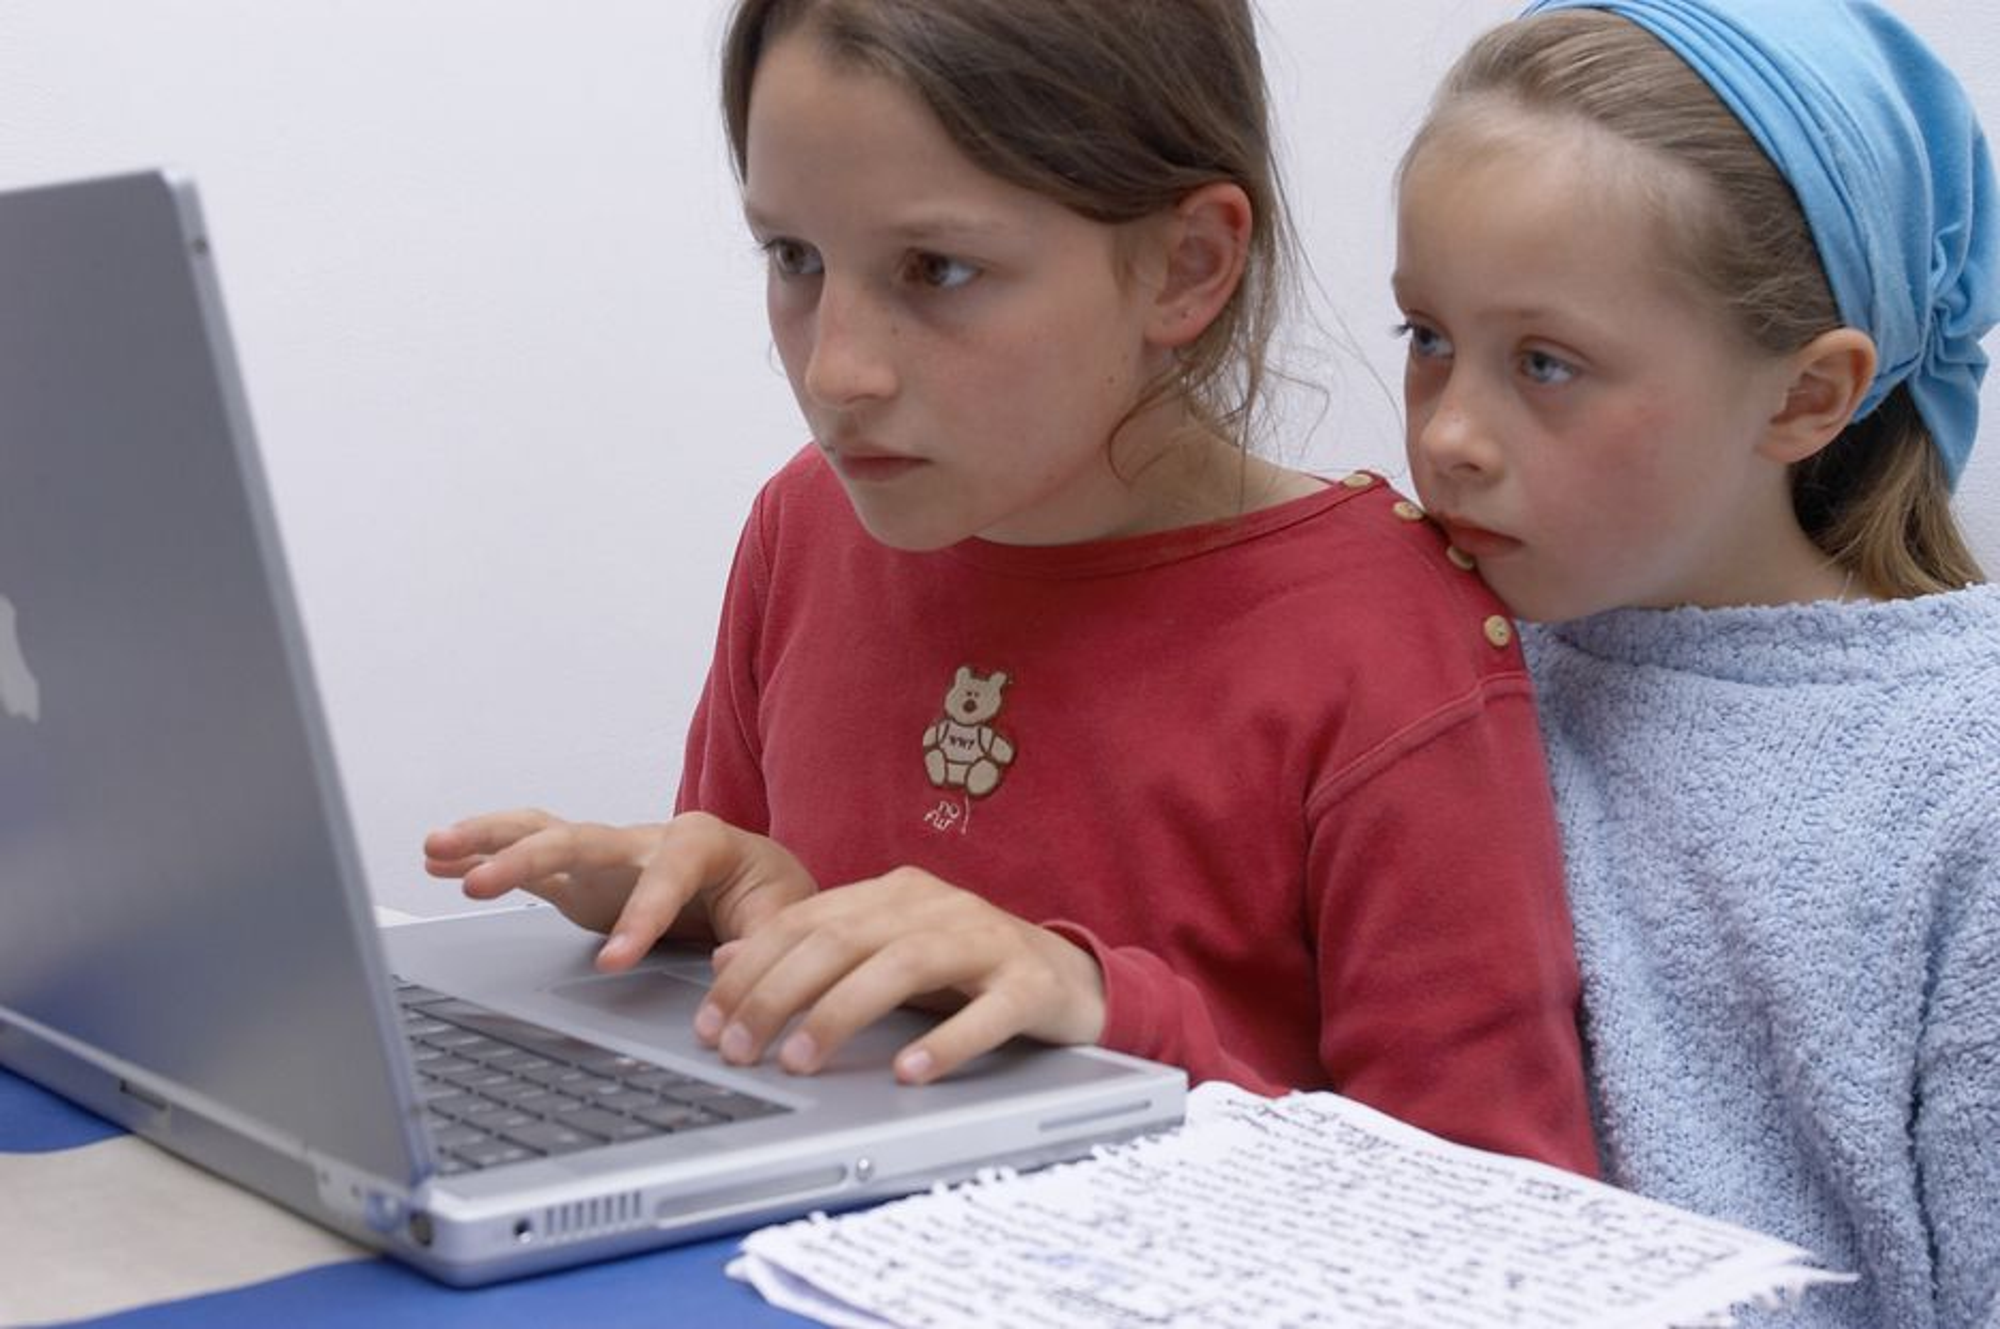 PROBLEMATISK: I likhet med voksne synes barn og unge det er morsomt med internett. Men hvor mye skal vi styre og sensure deres nettbruk?